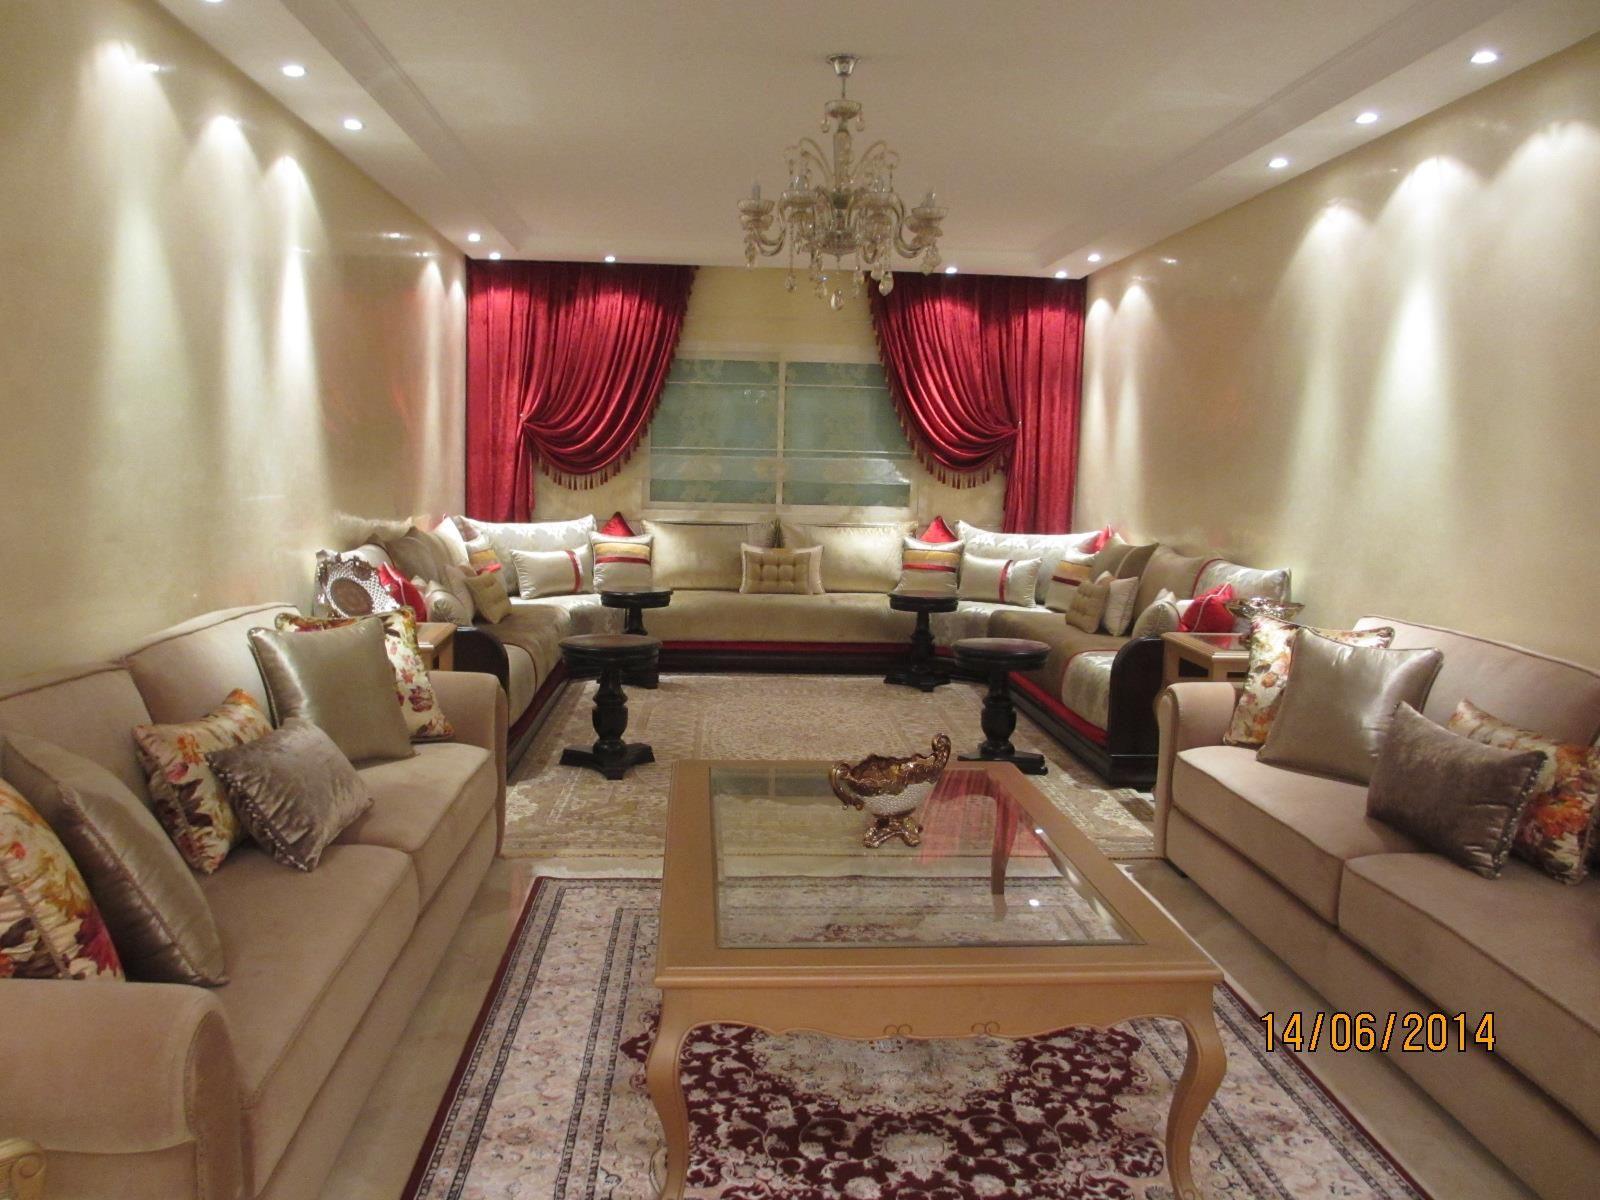 Grand salon classique crme et rouge dans Salon marocain  Ide dcoration de salons Classiques